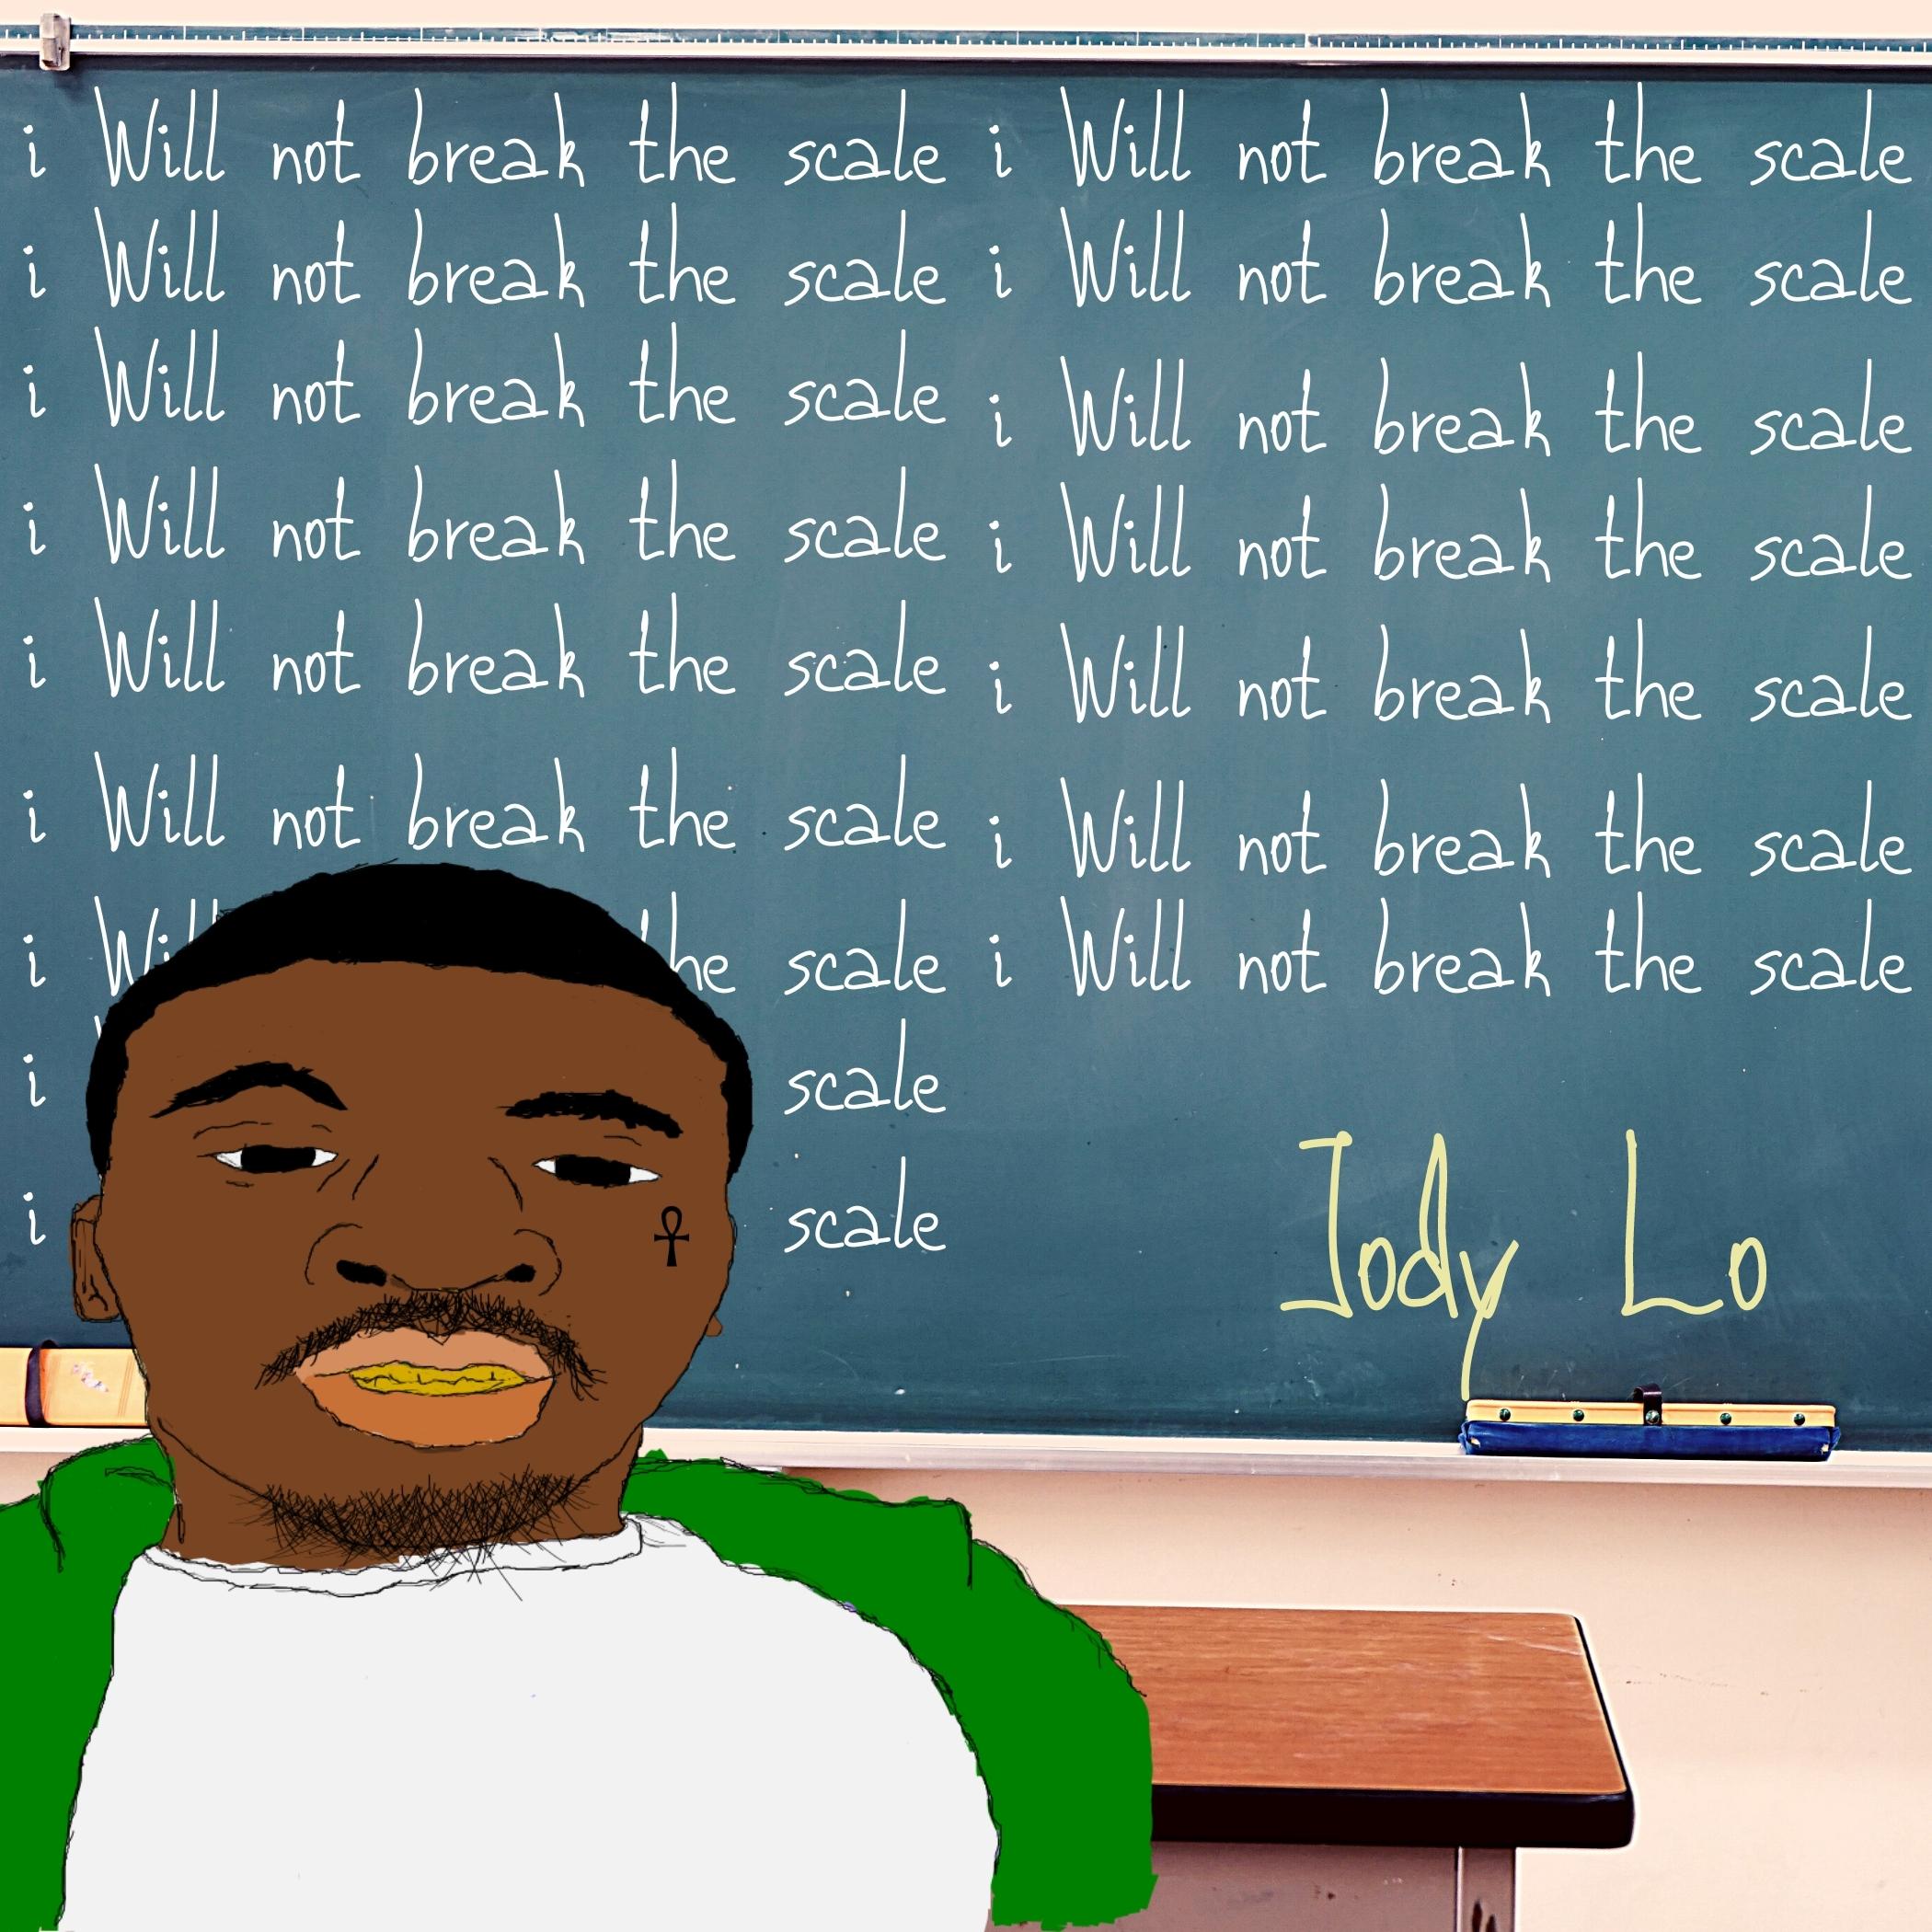 Jody Lo - I will not break the scale